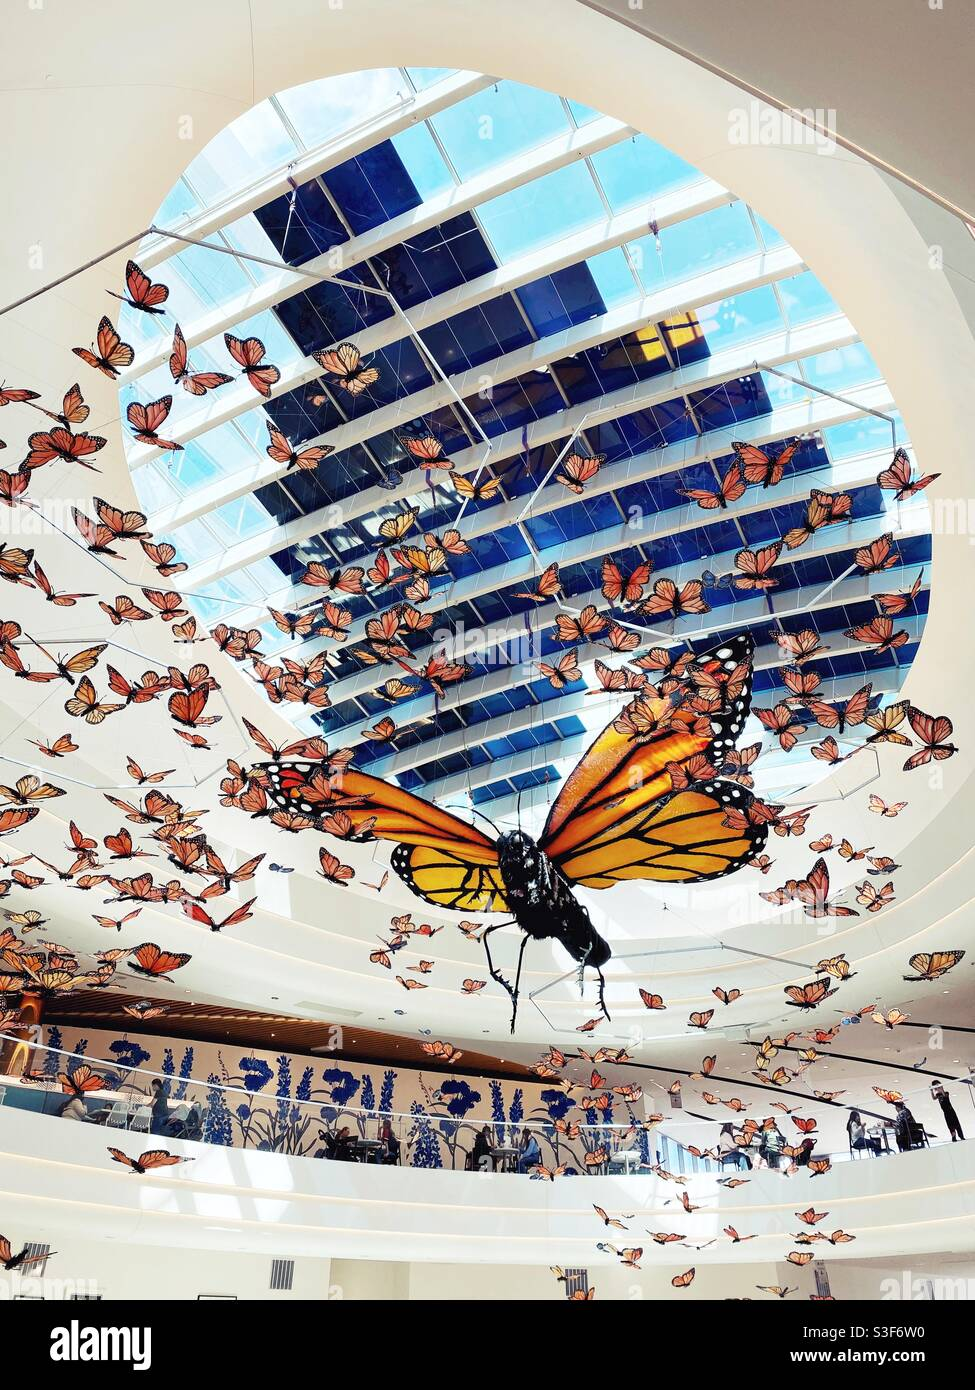 Kaleidoscope, eine Kunstinstallation in der Mall of America. Stockfoto